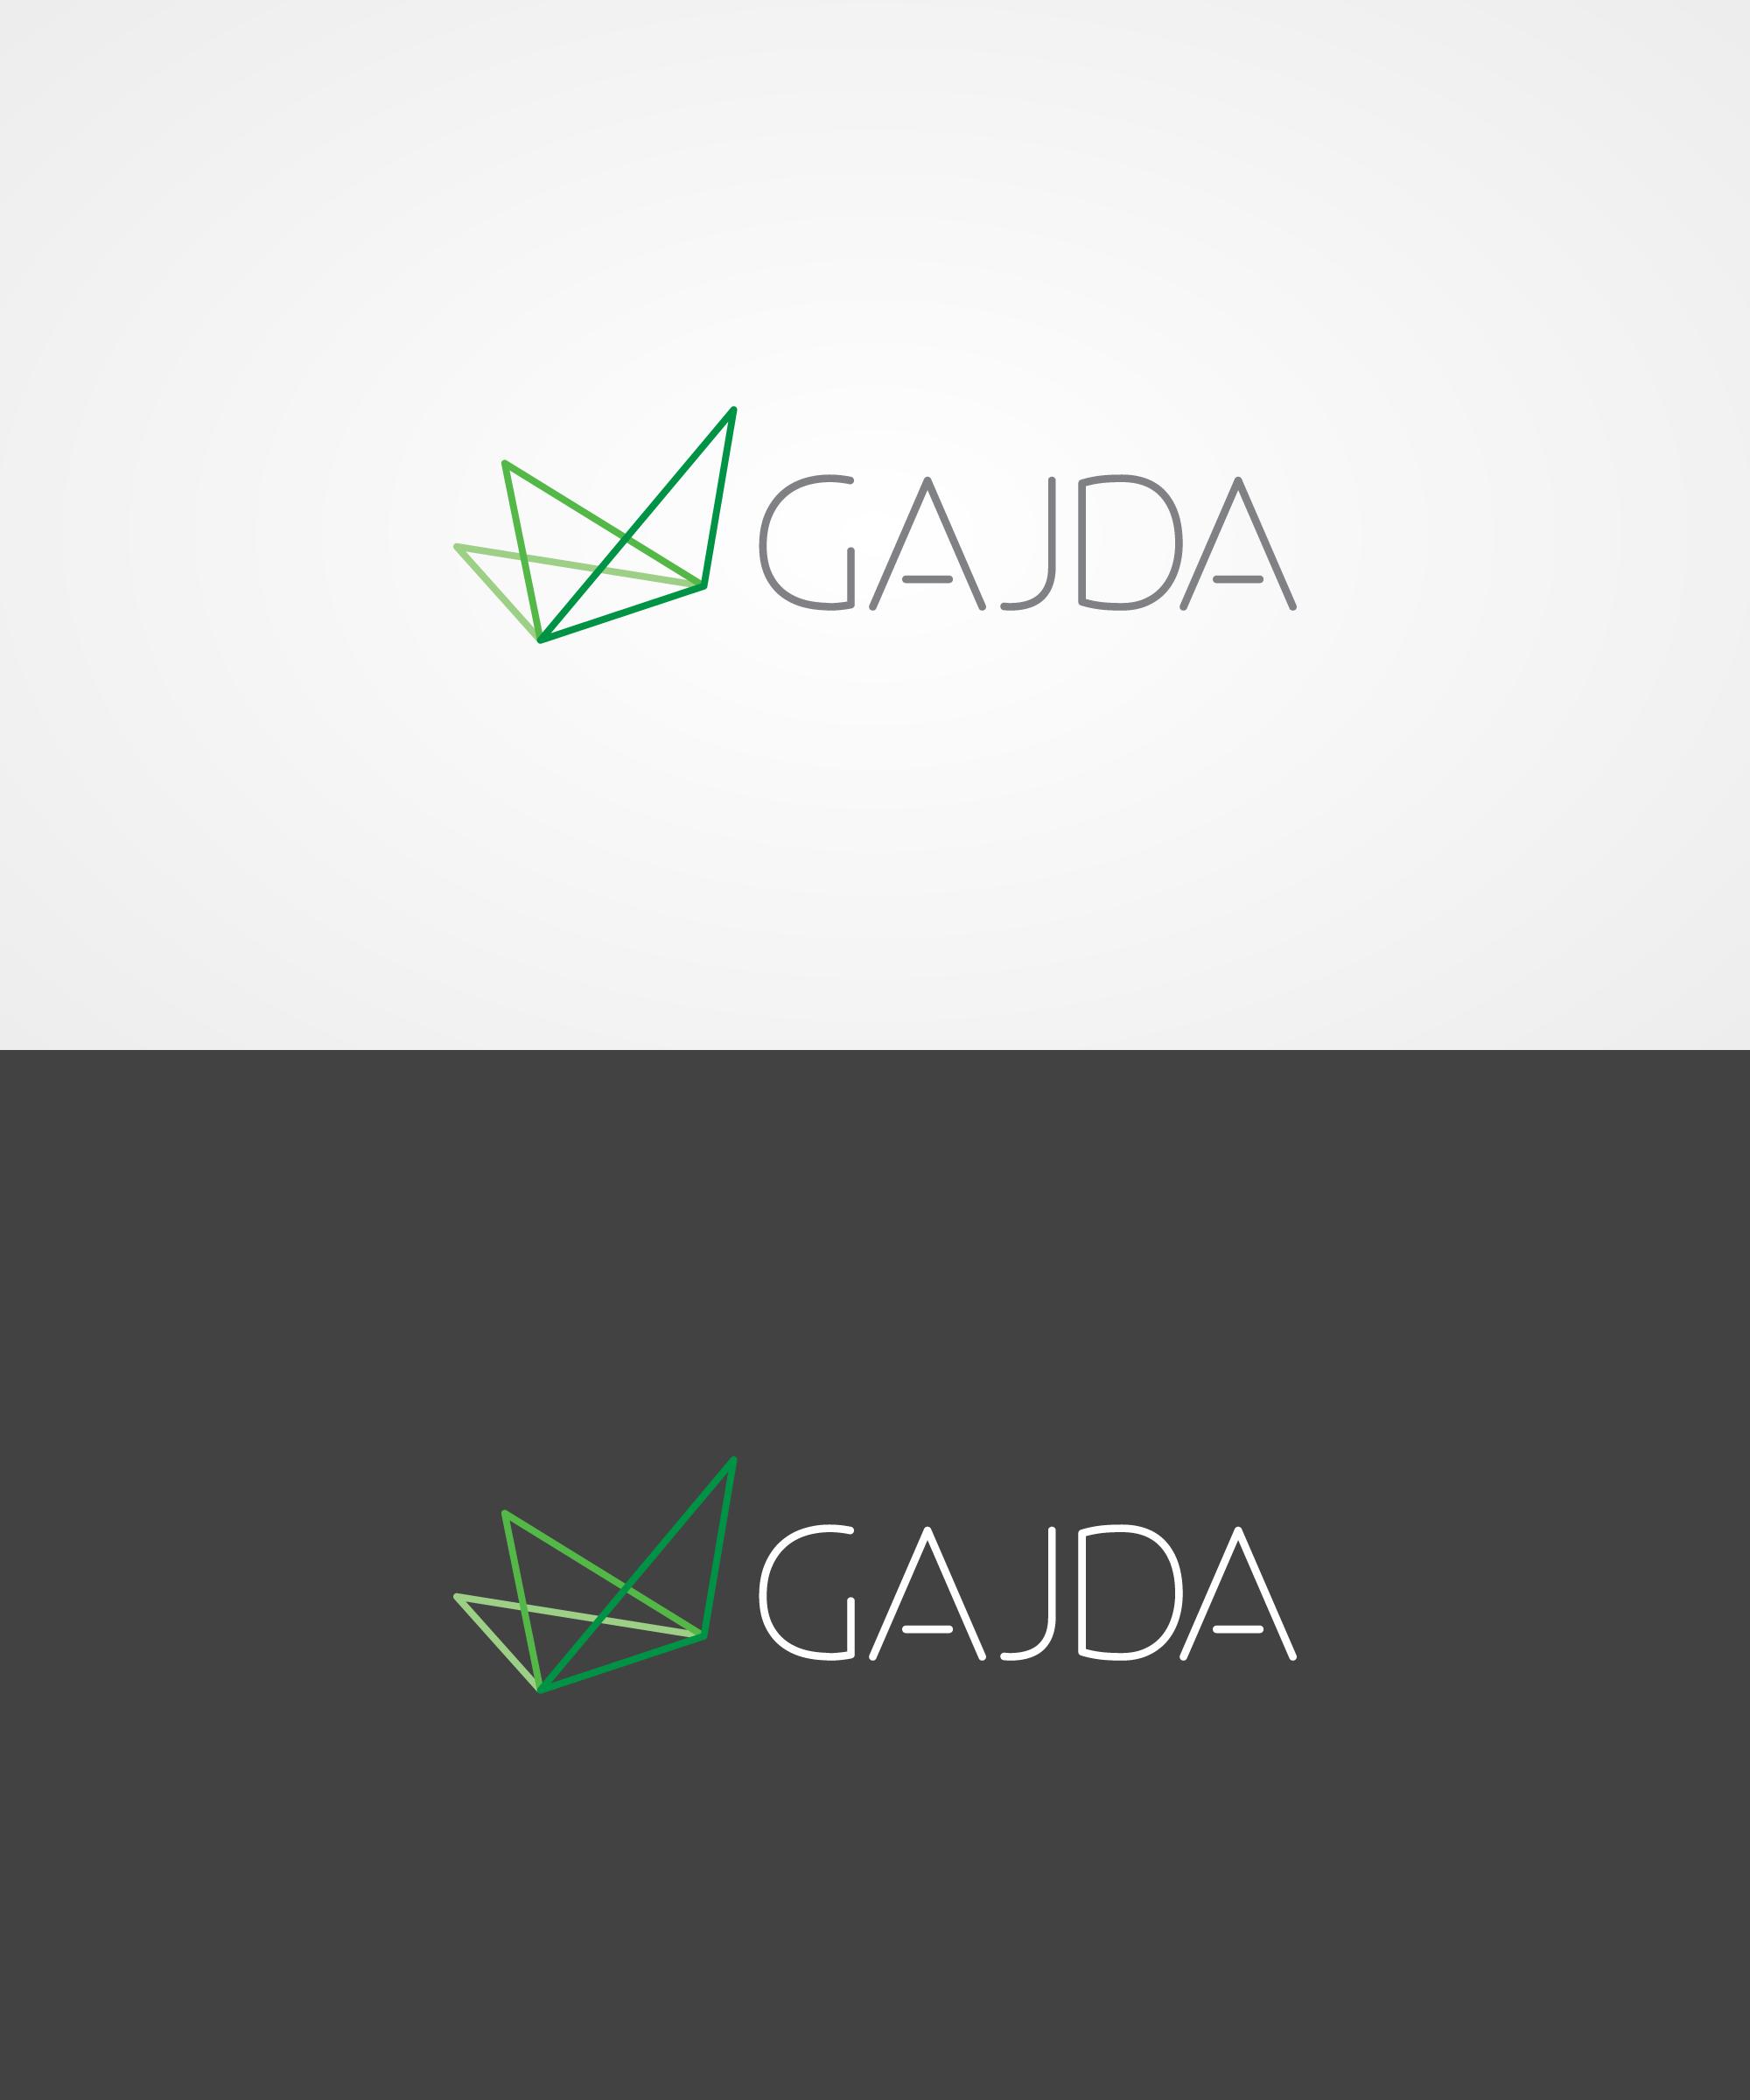 01-Gajda